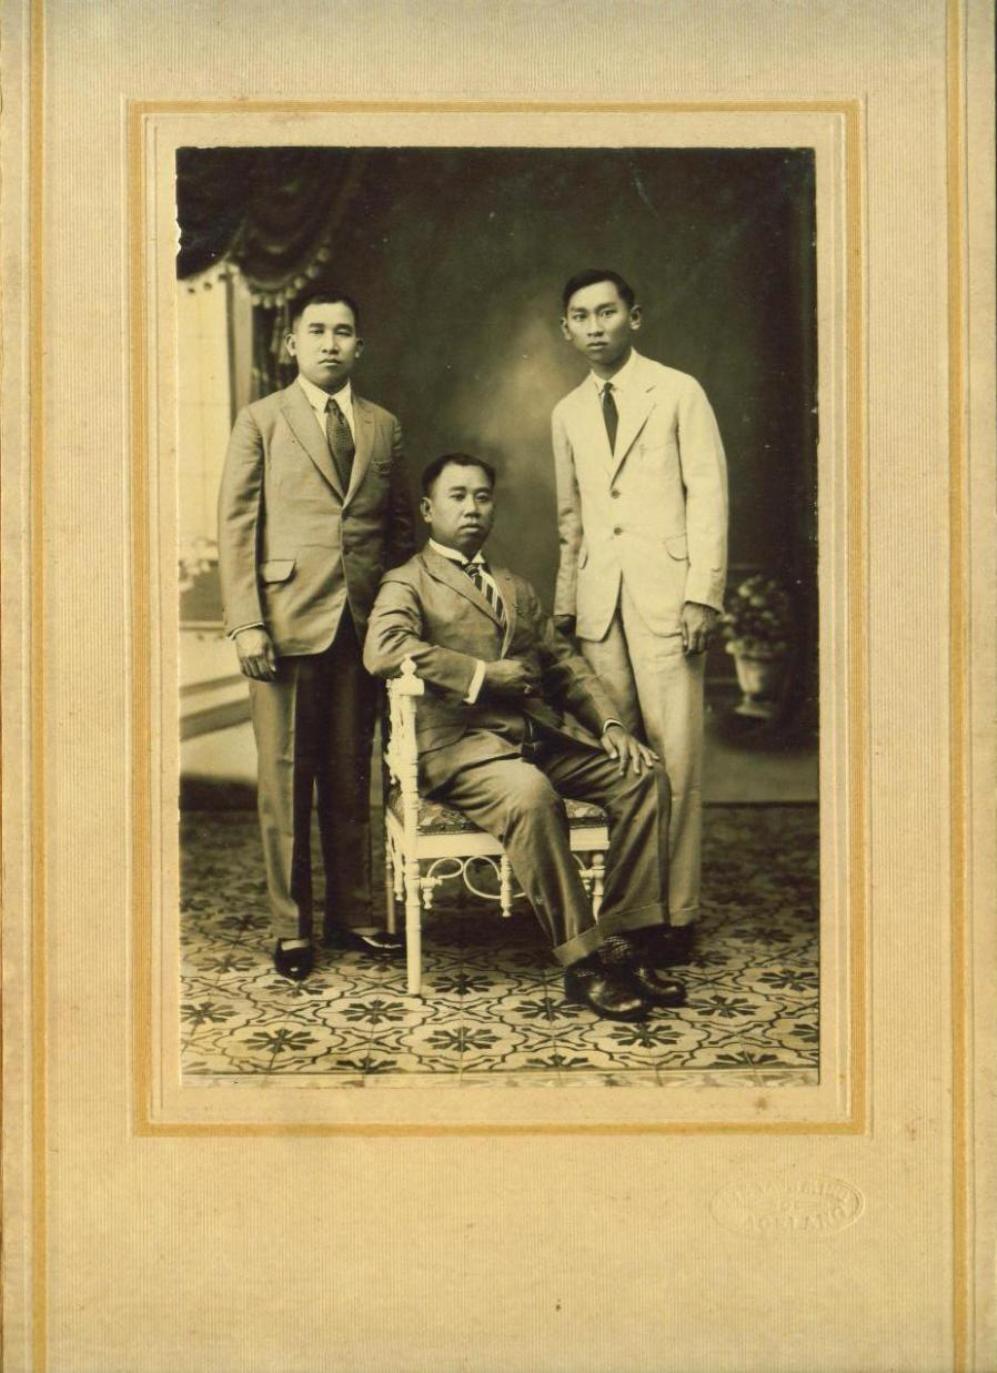 Foto Kuno Jaman Belanda Nederlandsch In Dari Semarang Foto Keseluruhan Dengan Folder Nya